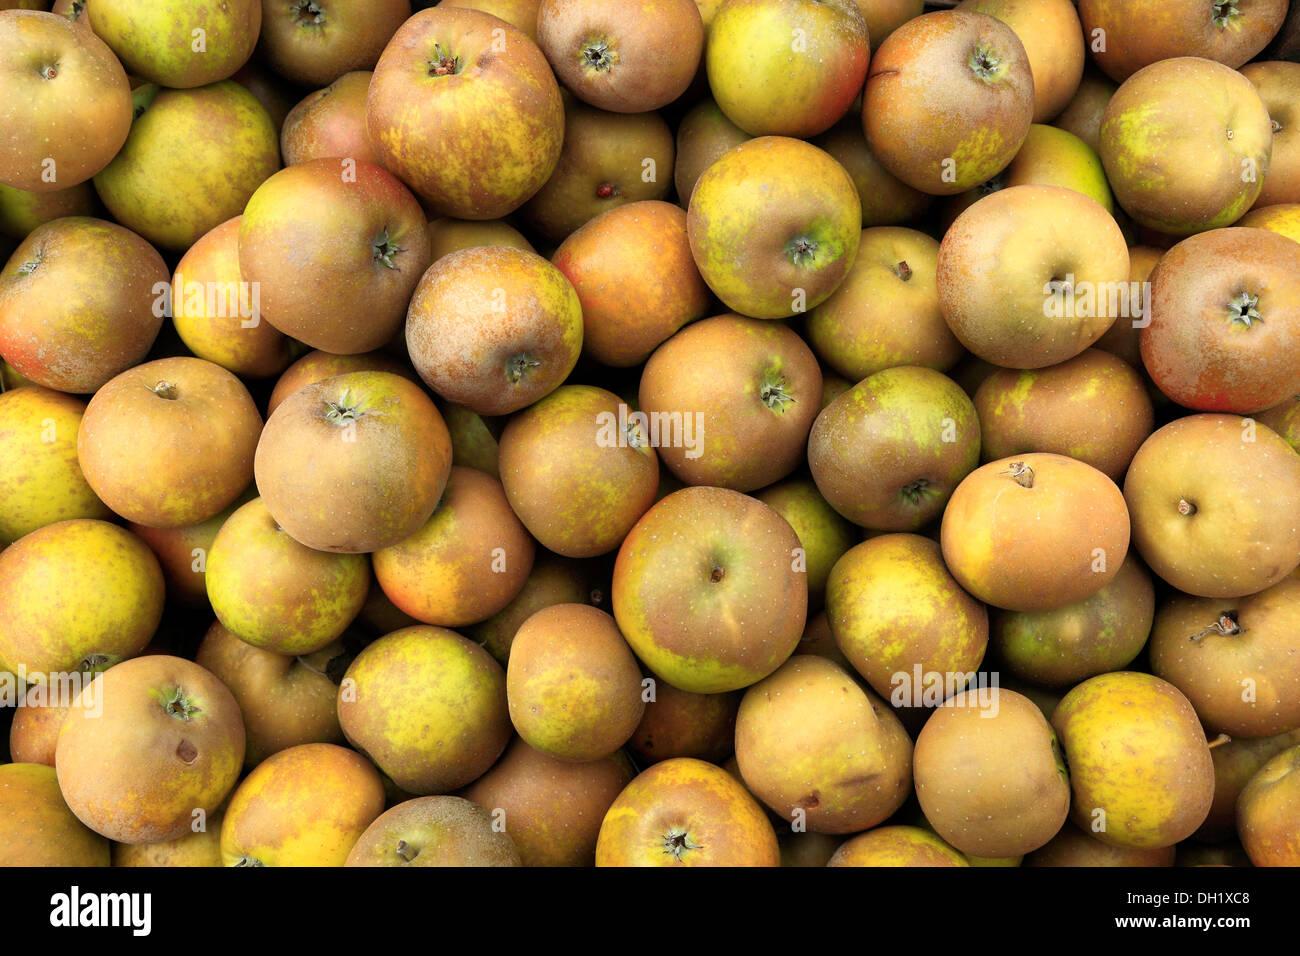 Apple 'Egremont Russet', farm shop display, mele REGNO UNITO Immagini Stock